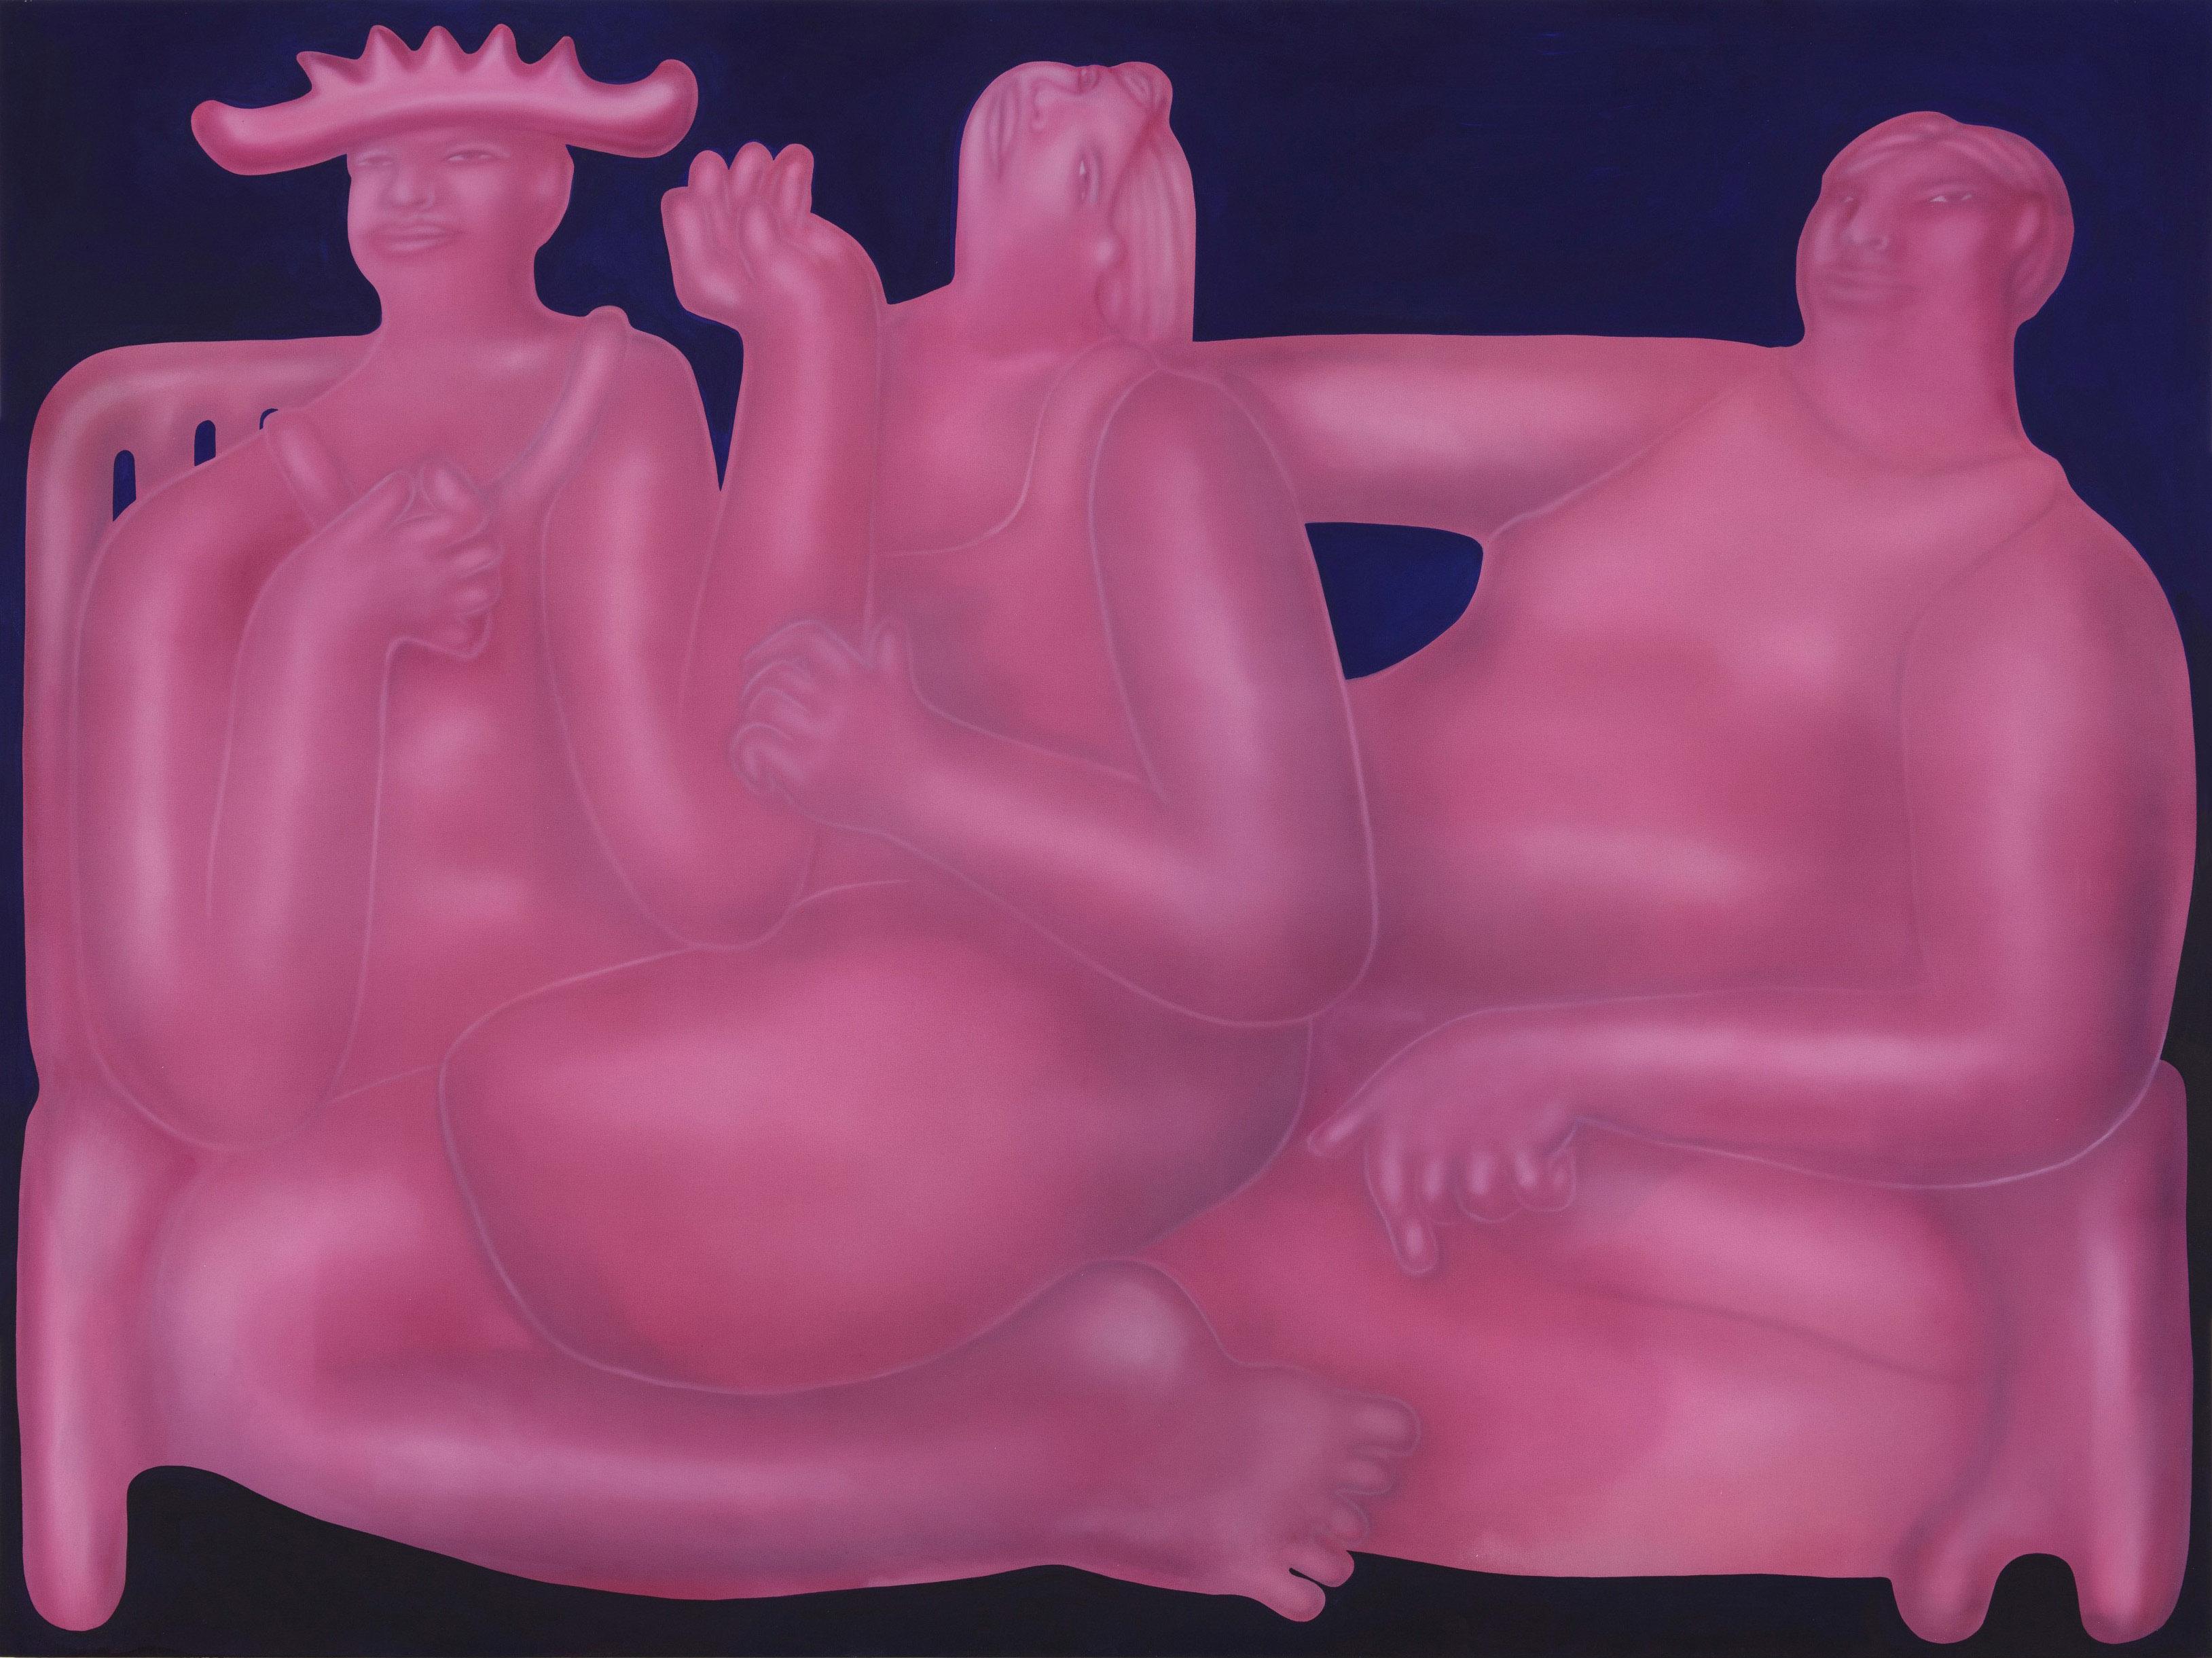 George Rouy. <em>Flirting</em>, 2018. Acrylic on canvas, 88 5/8 x 118 1/8 inches (225 x 300 cm)